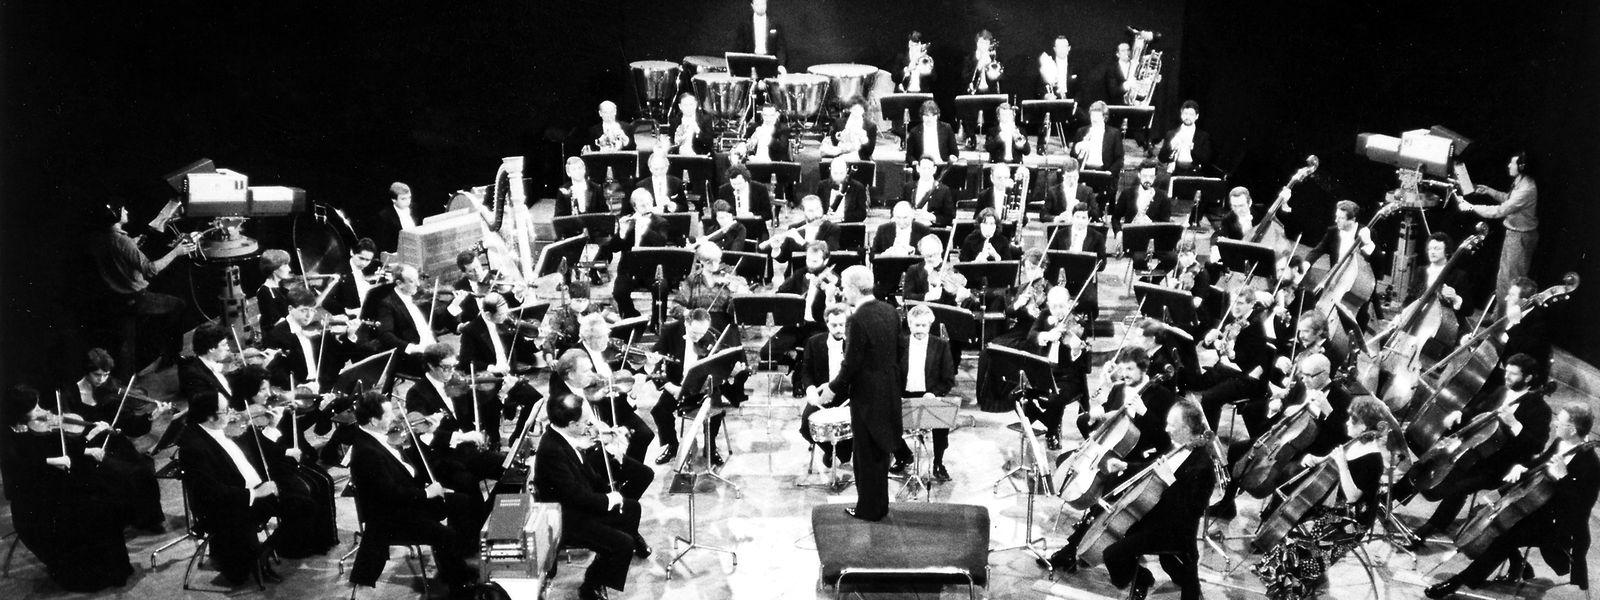 Das RTL-Radio-Orchester in den Achtzigerjahren im Auditorium der Villa Louvigny.